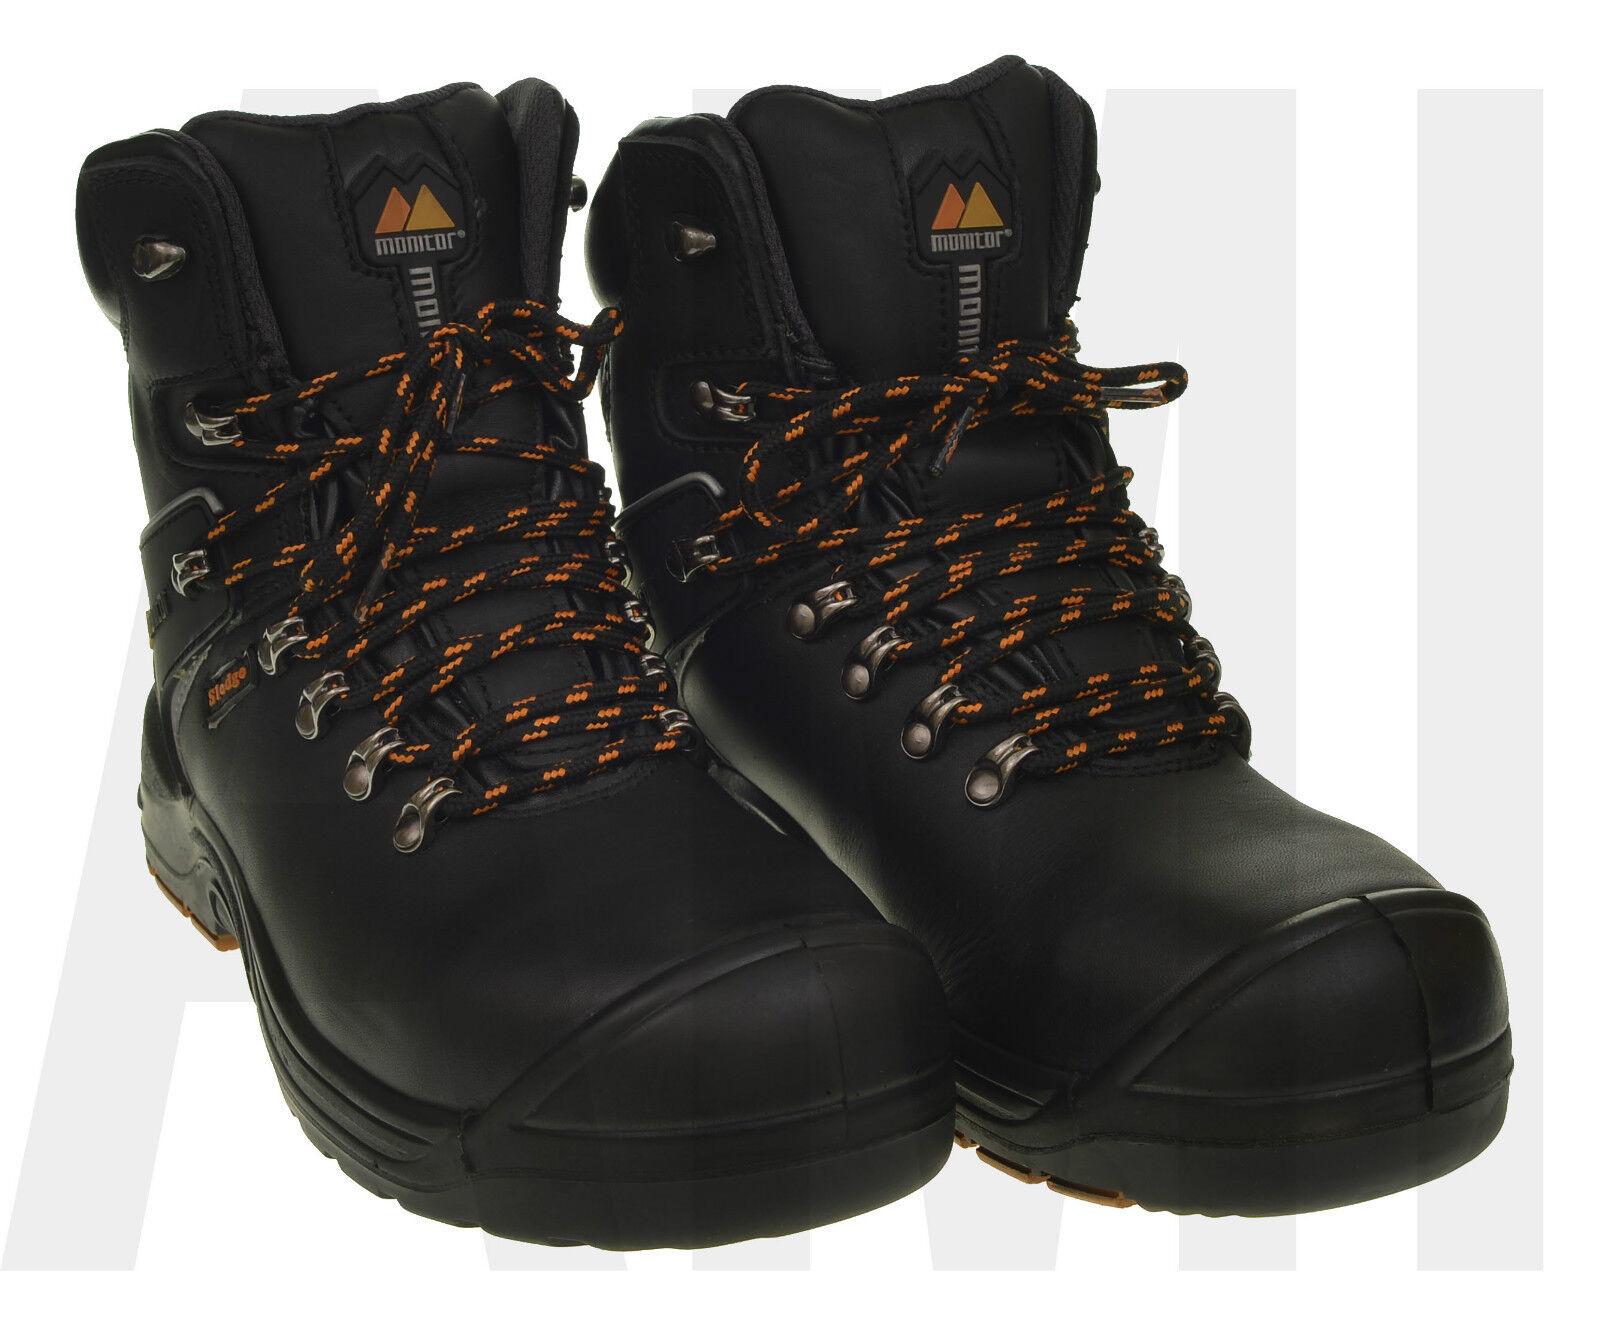 Recortes de precios estacionales, beneficios de descuento Botas para hombre Monitor De Seguridad Zapatos de trabajo tenis Puntera dura Protectora Tamaños 7-11